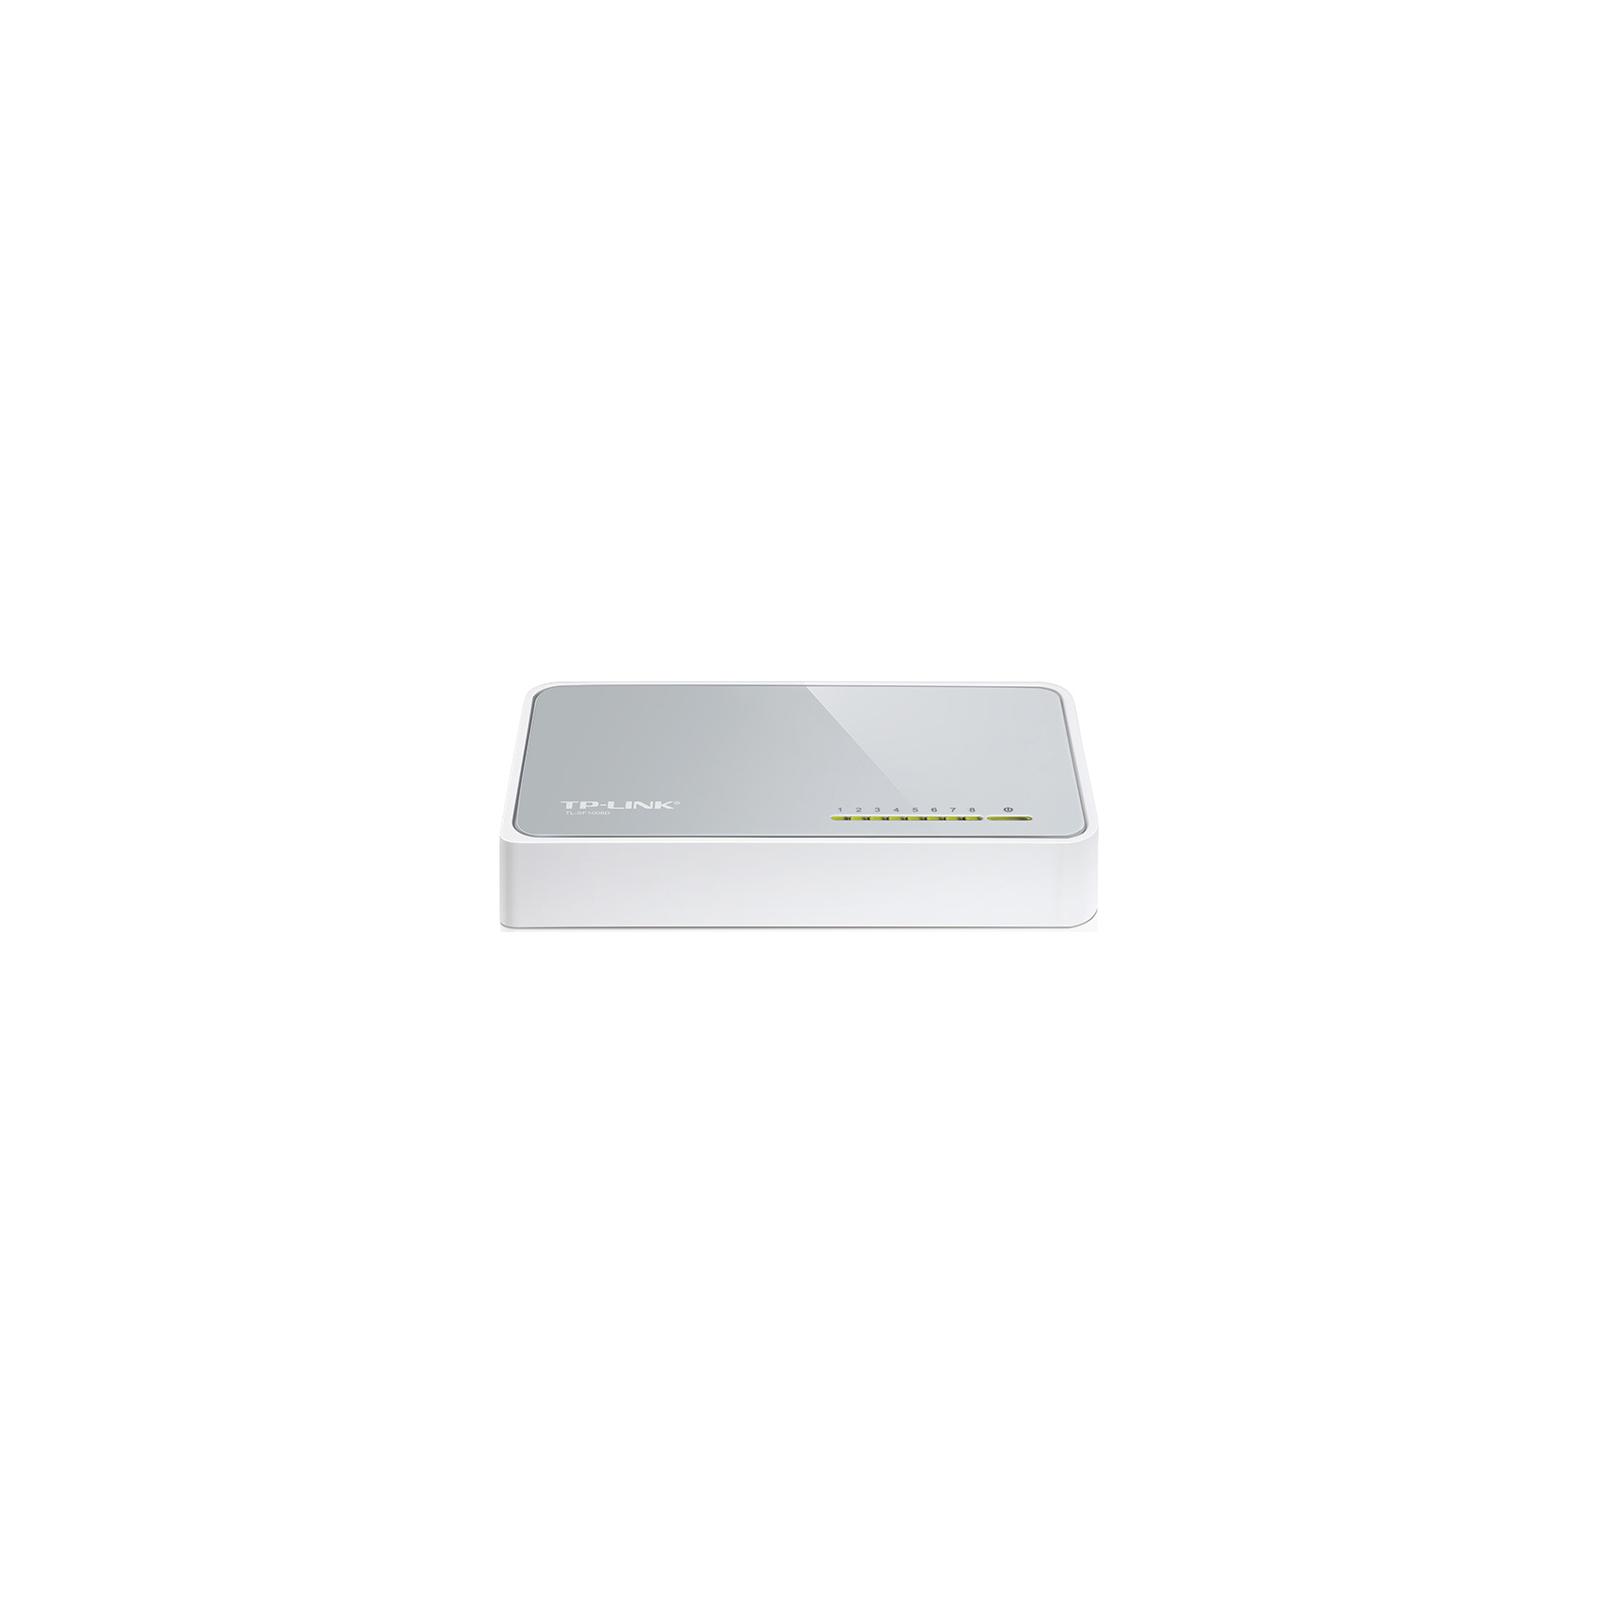 Коммутатор сетевой TP-Link TL-SF1008D изображение 7